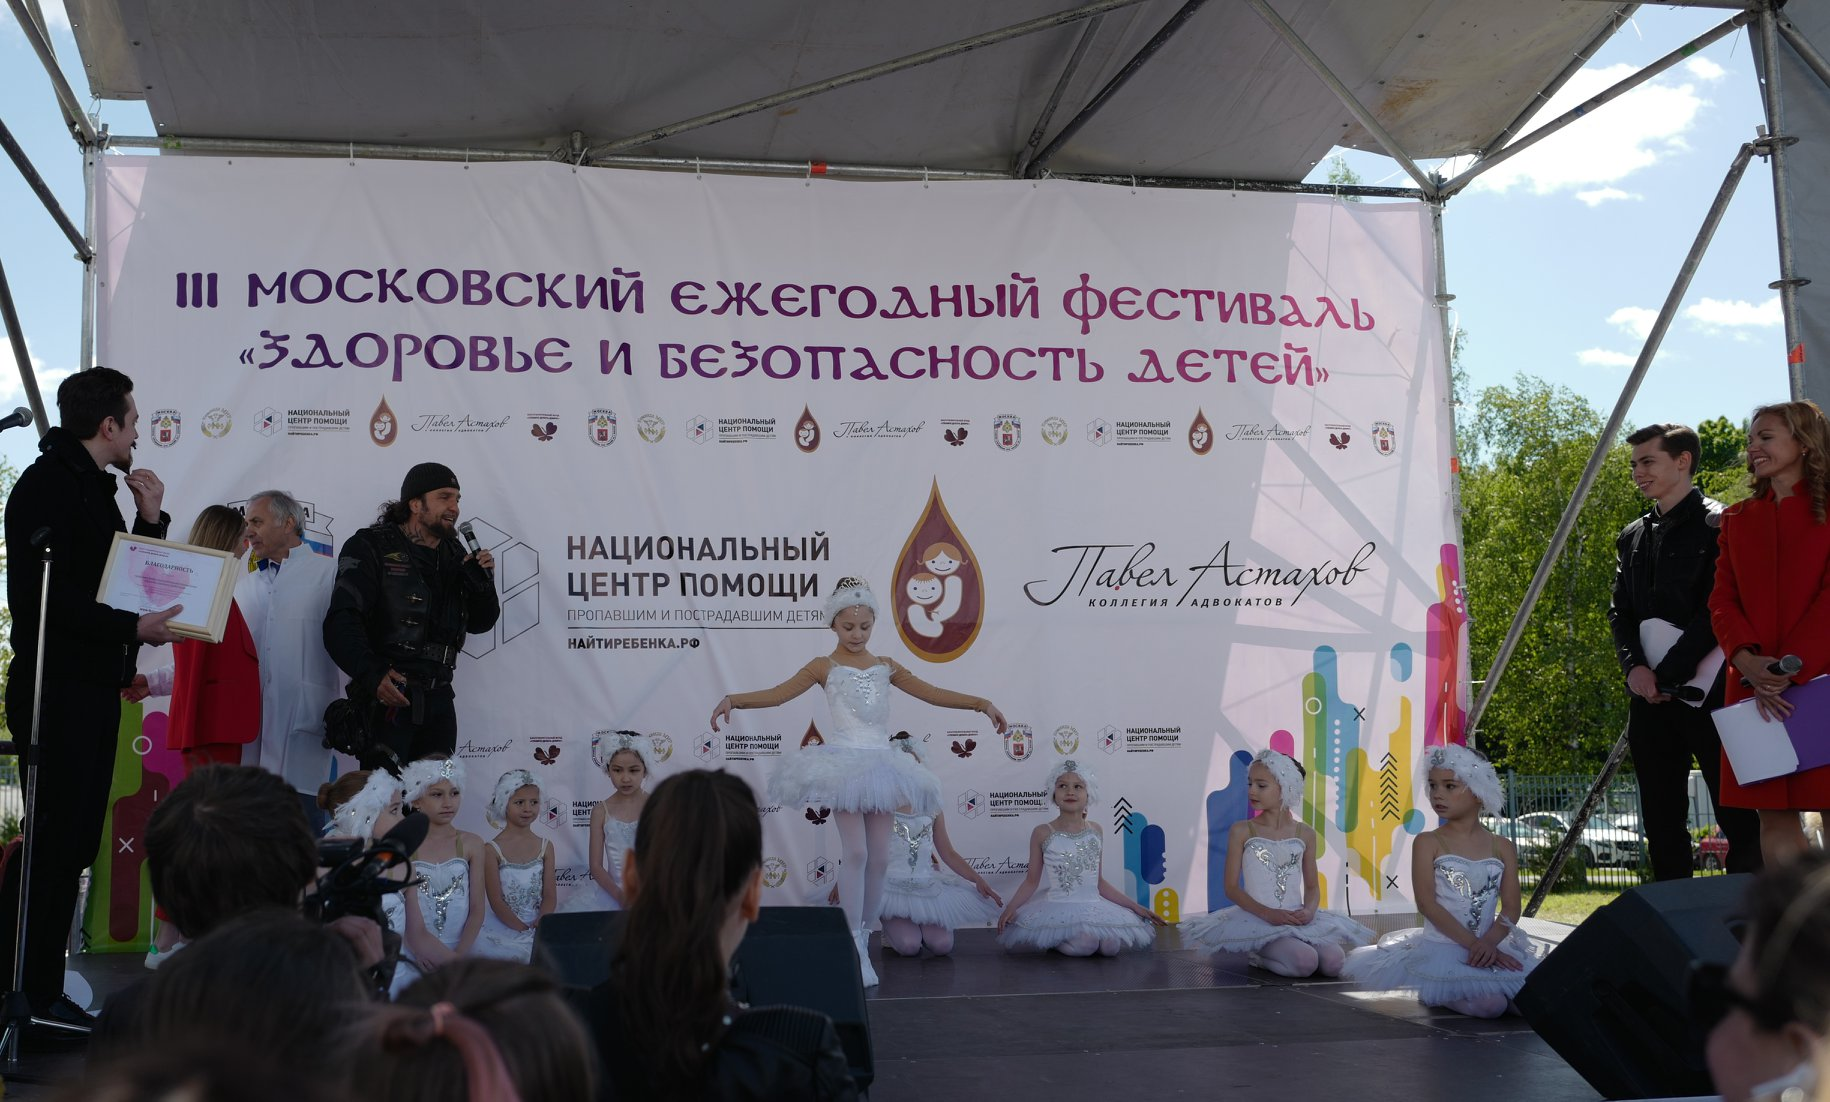 Врачи, артисты и байкеры поддержали детей